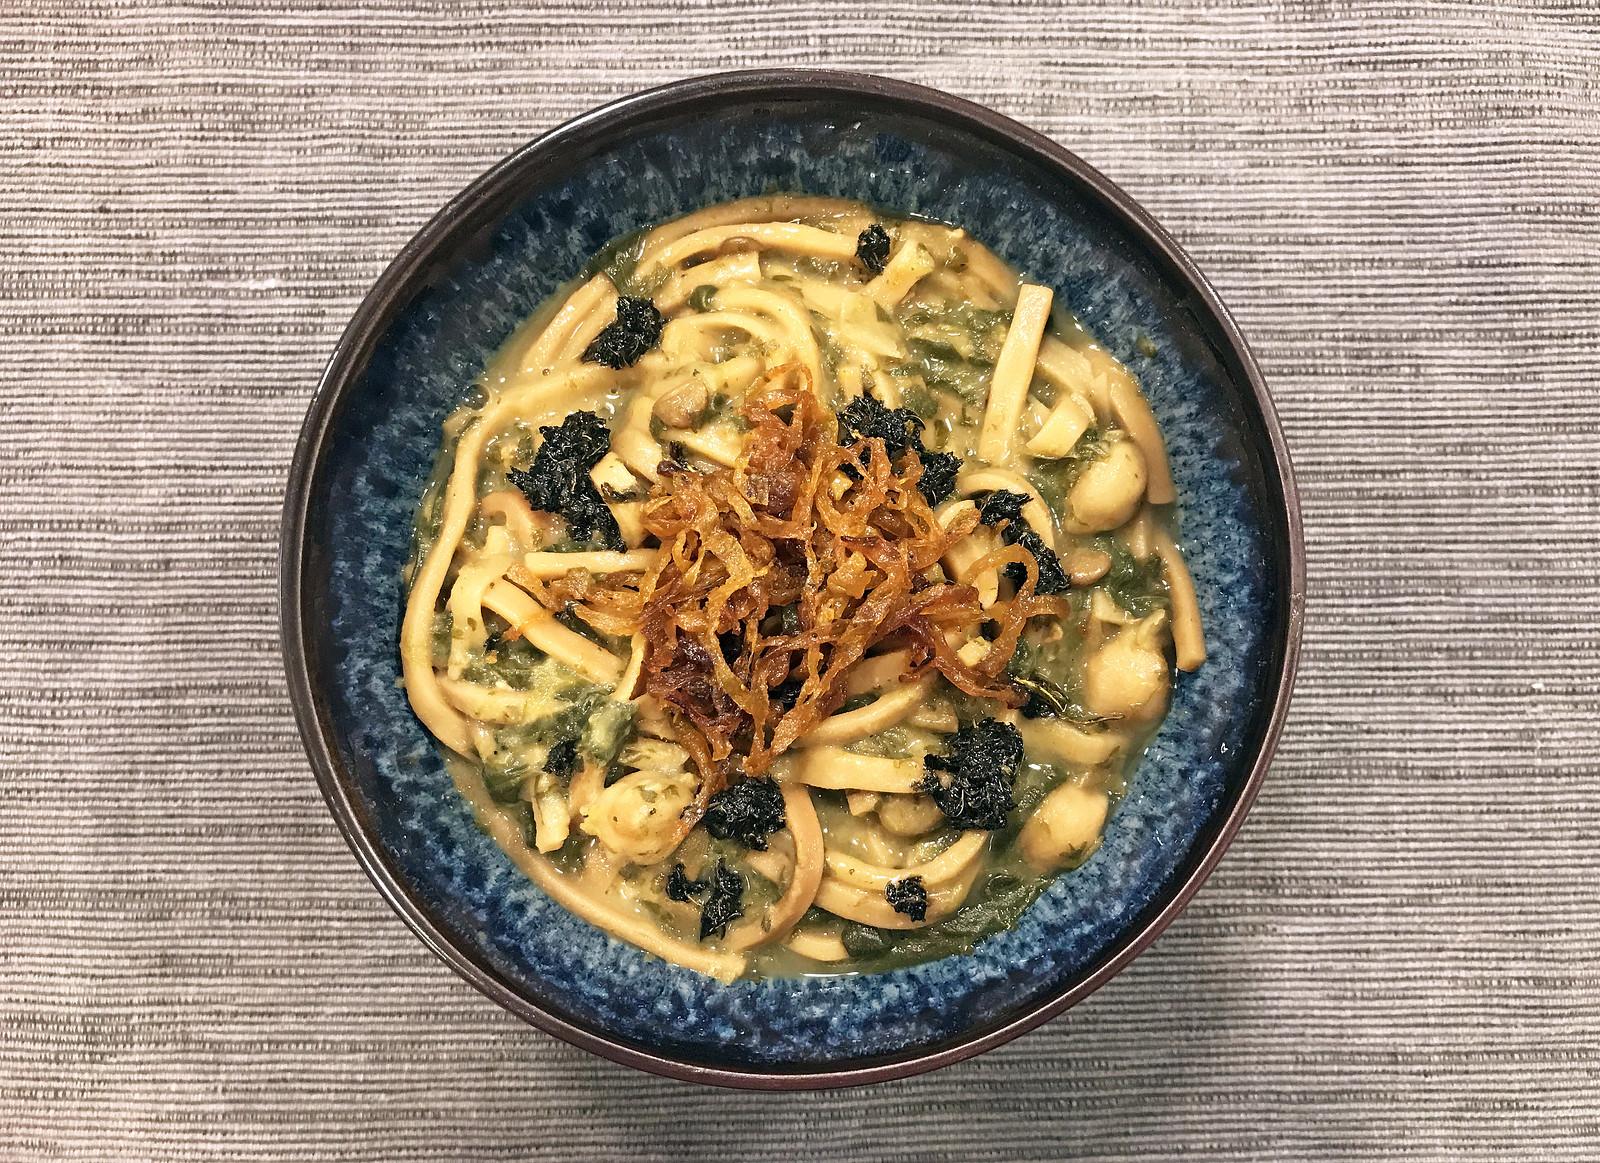 Ash-e Reshteh (Iranian Noodle Soup)